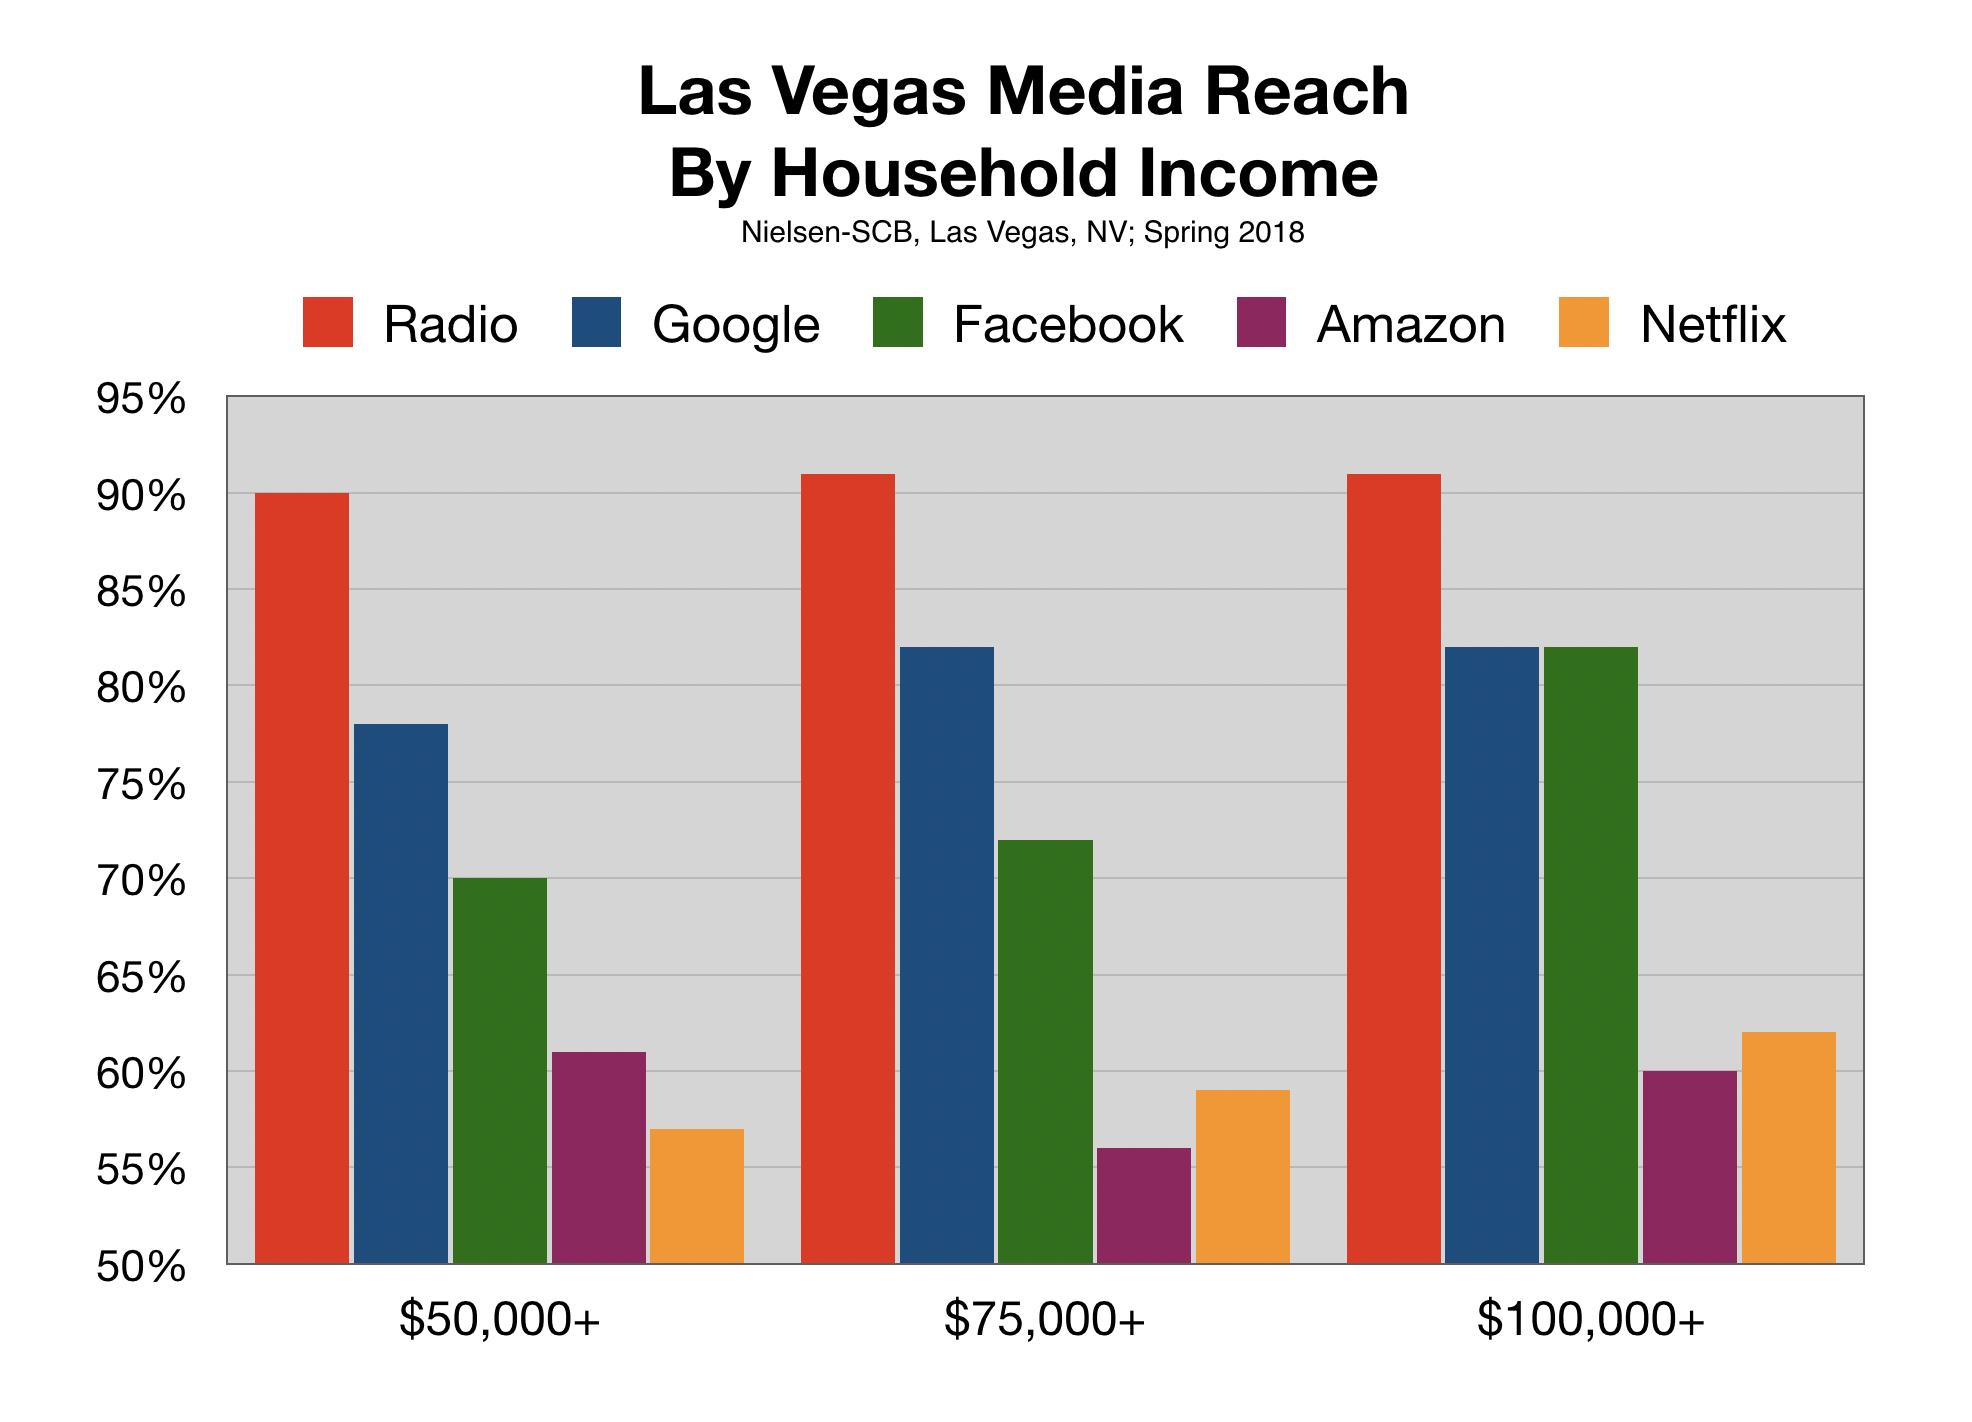 Digital Advertising Online in Las Vegas Income of Users